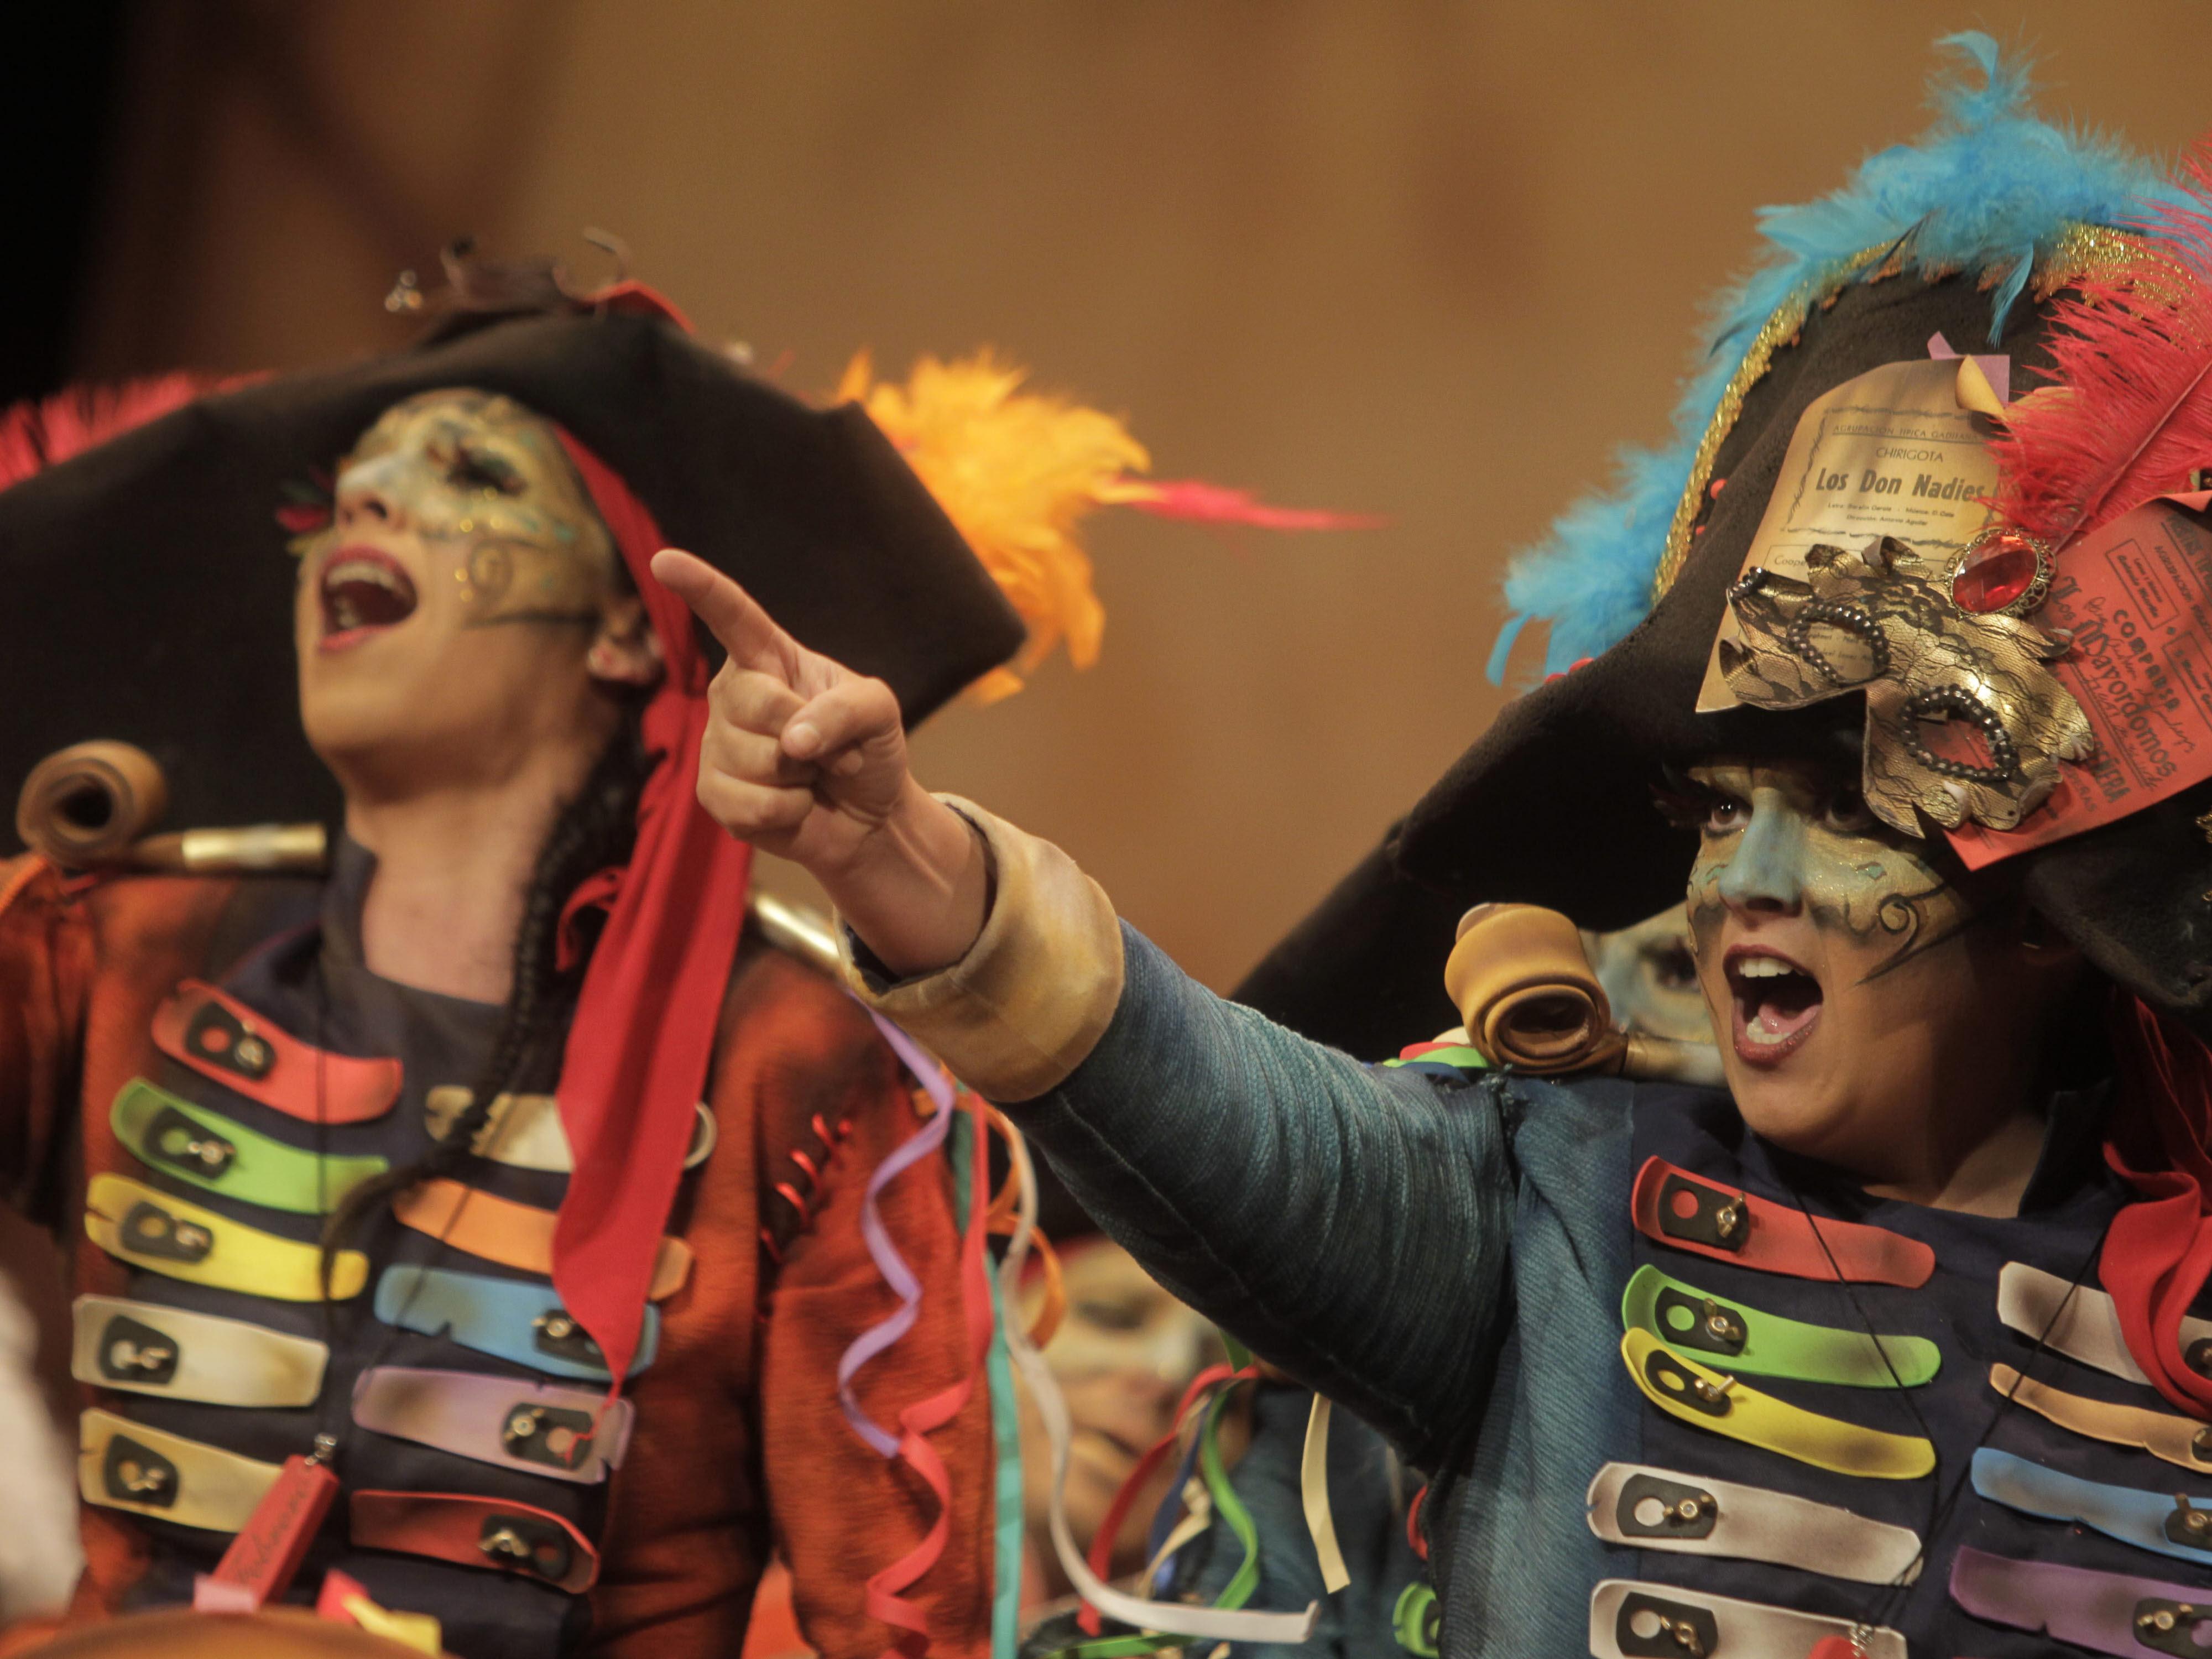 Participa y elige los mejores pasodobles del Carnaval de Cádiz dedicados a la mujer